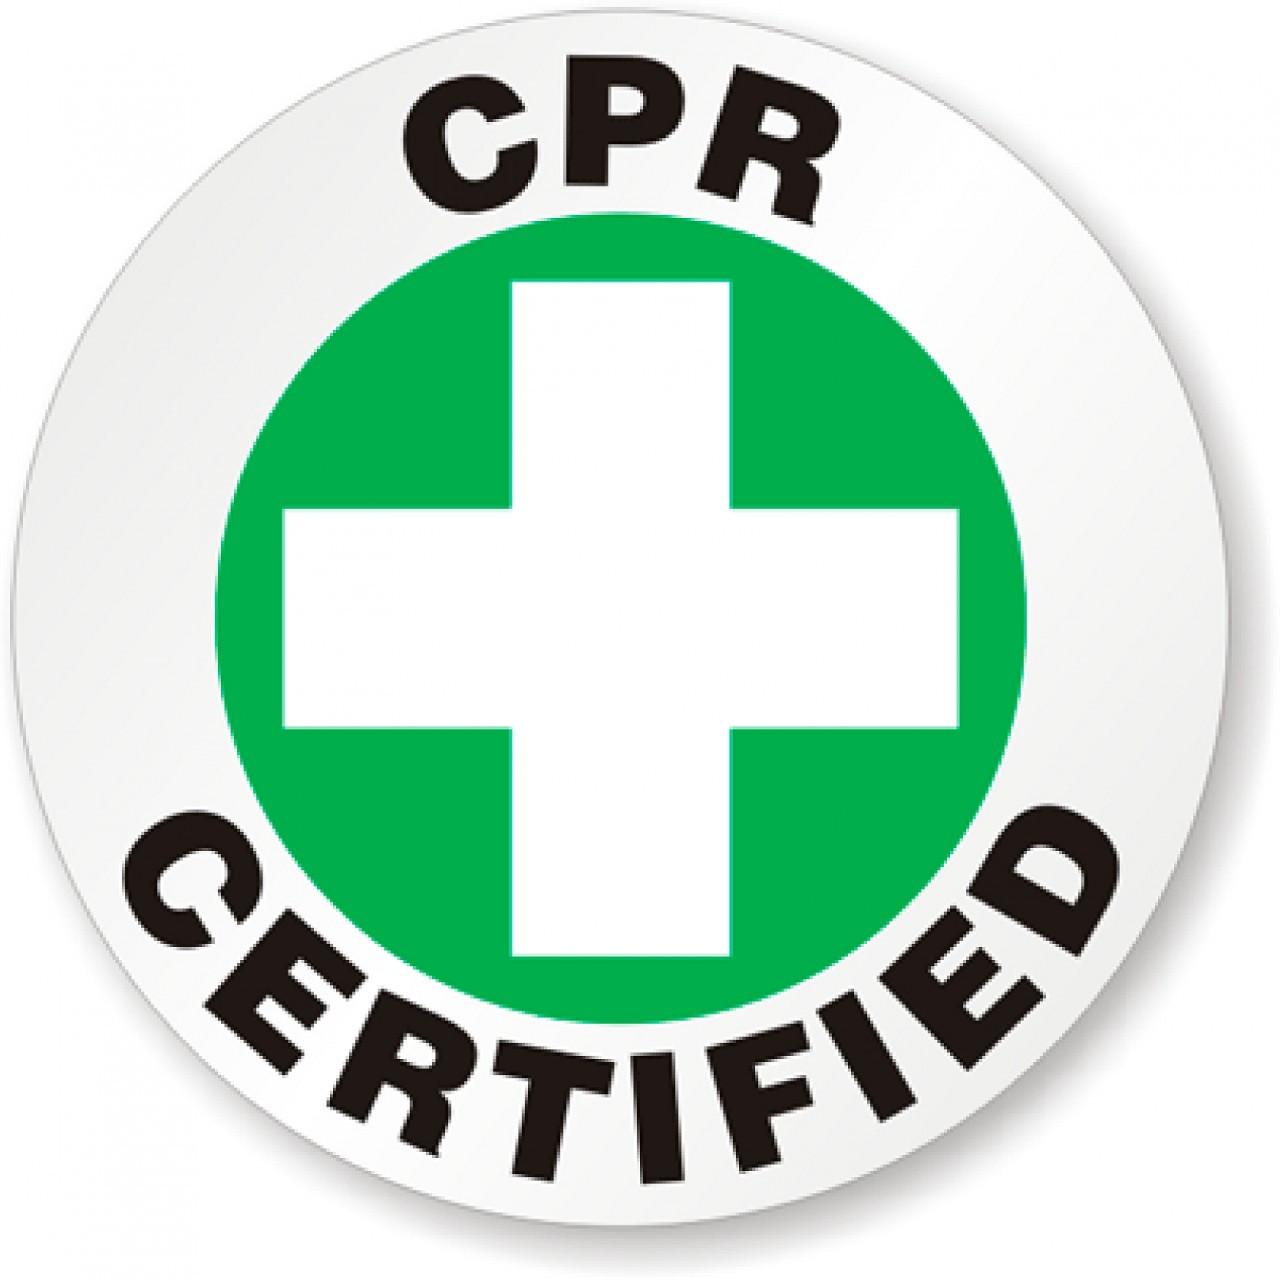 CPR Certified Sticker - SafetyKore.com